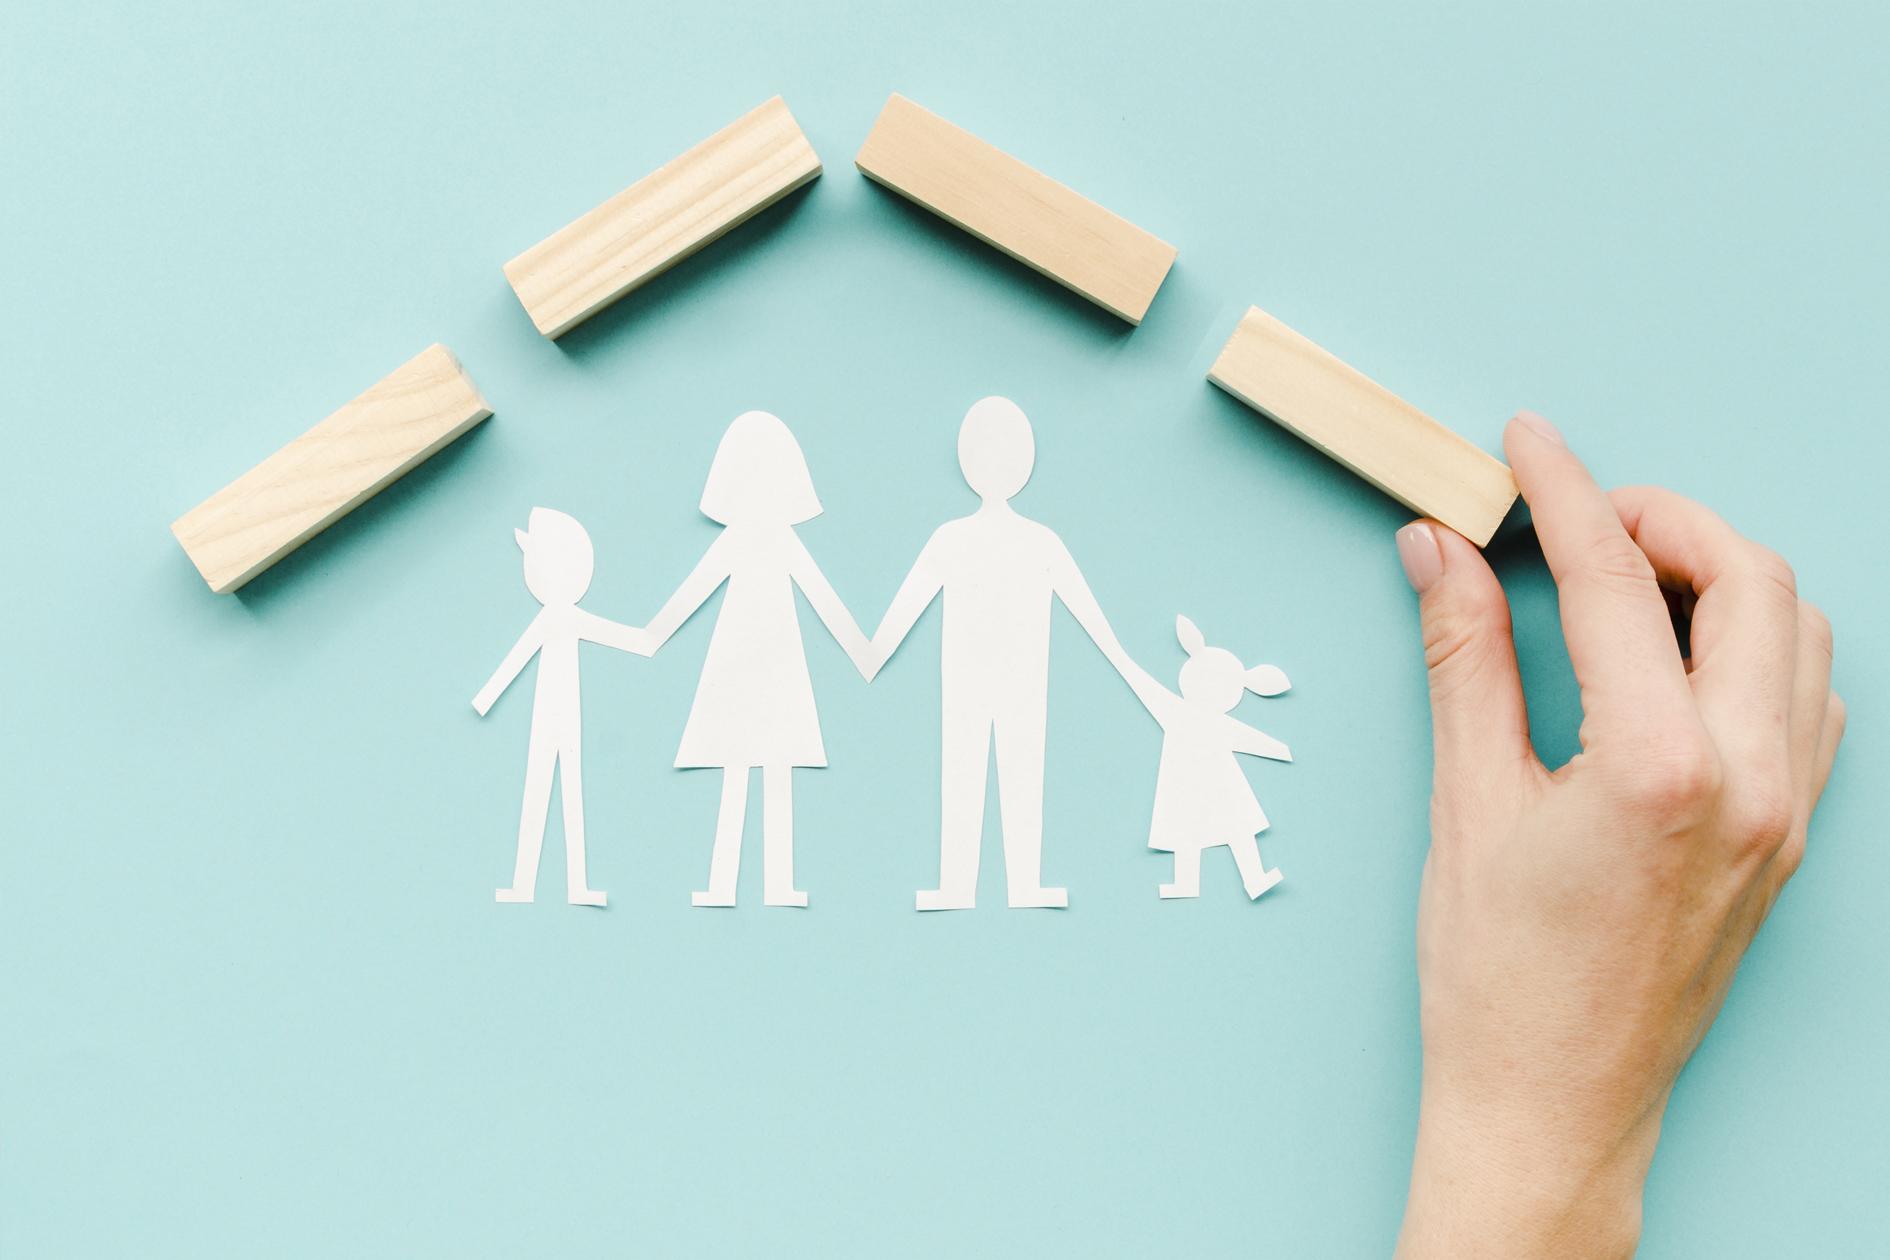 مهارت های فردی و اجتماعی ( تربیت فرزند و مدیریت خانواده با رویکرد اسلامی ) کد دوره : 99506237